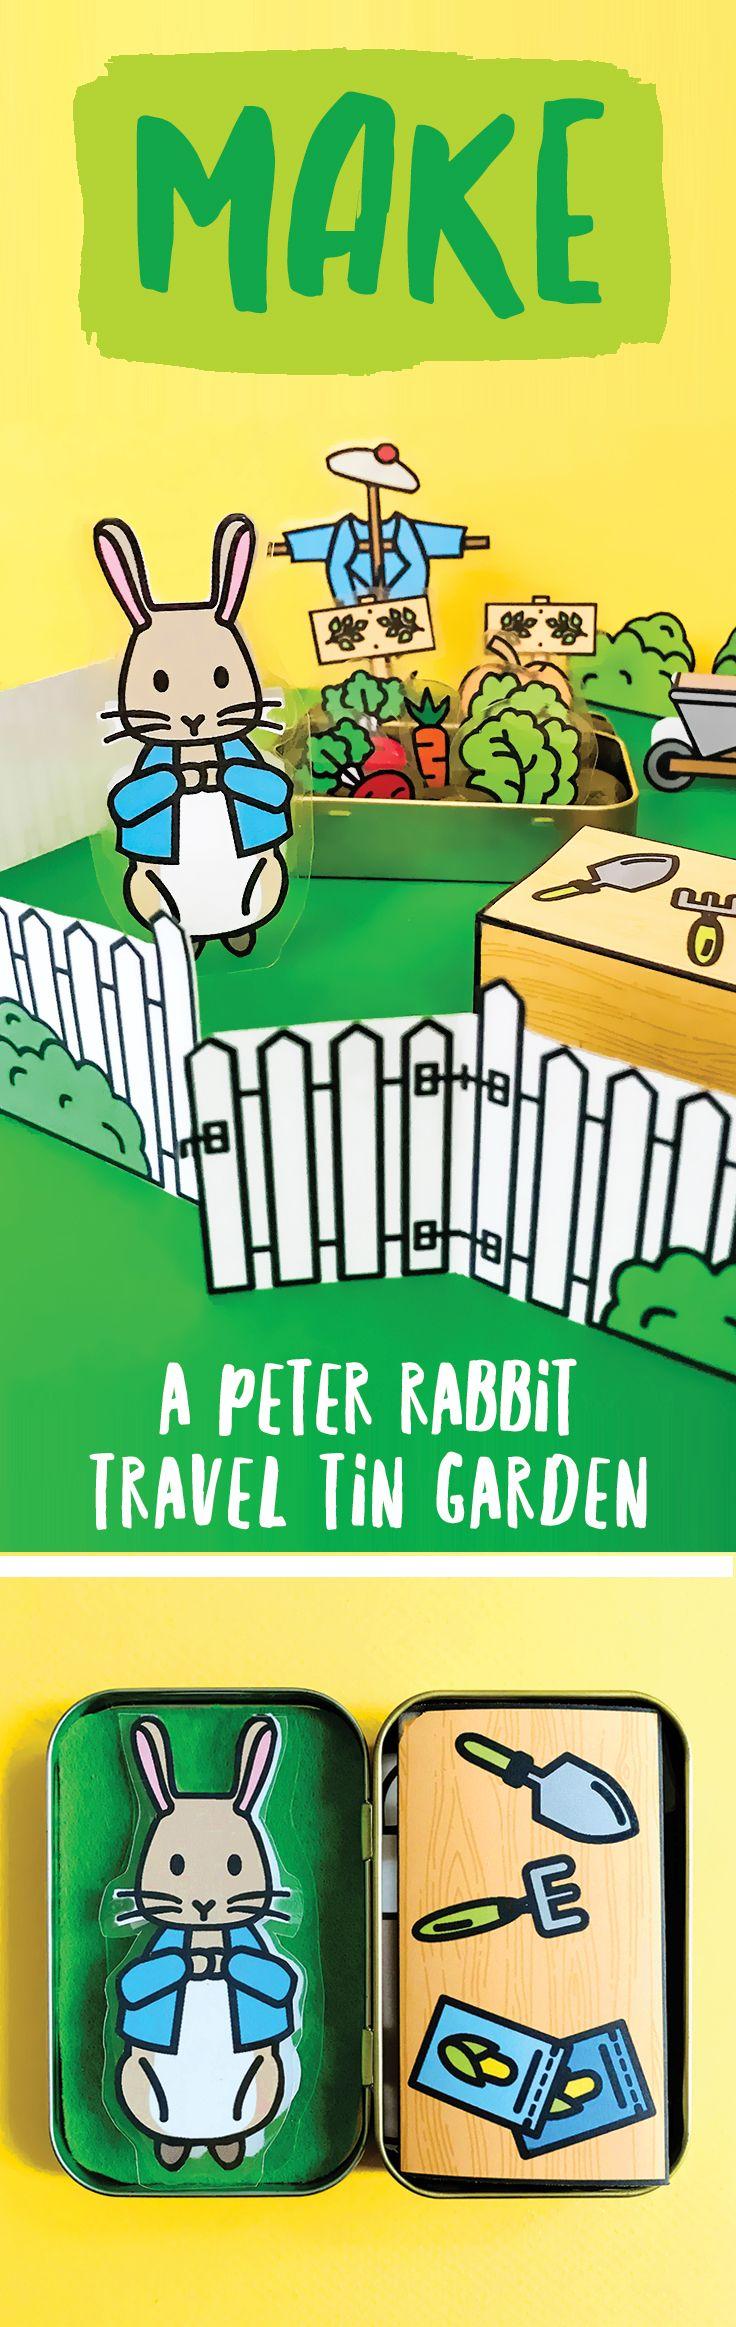 120 best peter rabbit images on Pinterest   Peter rabbit, Bunnies ...